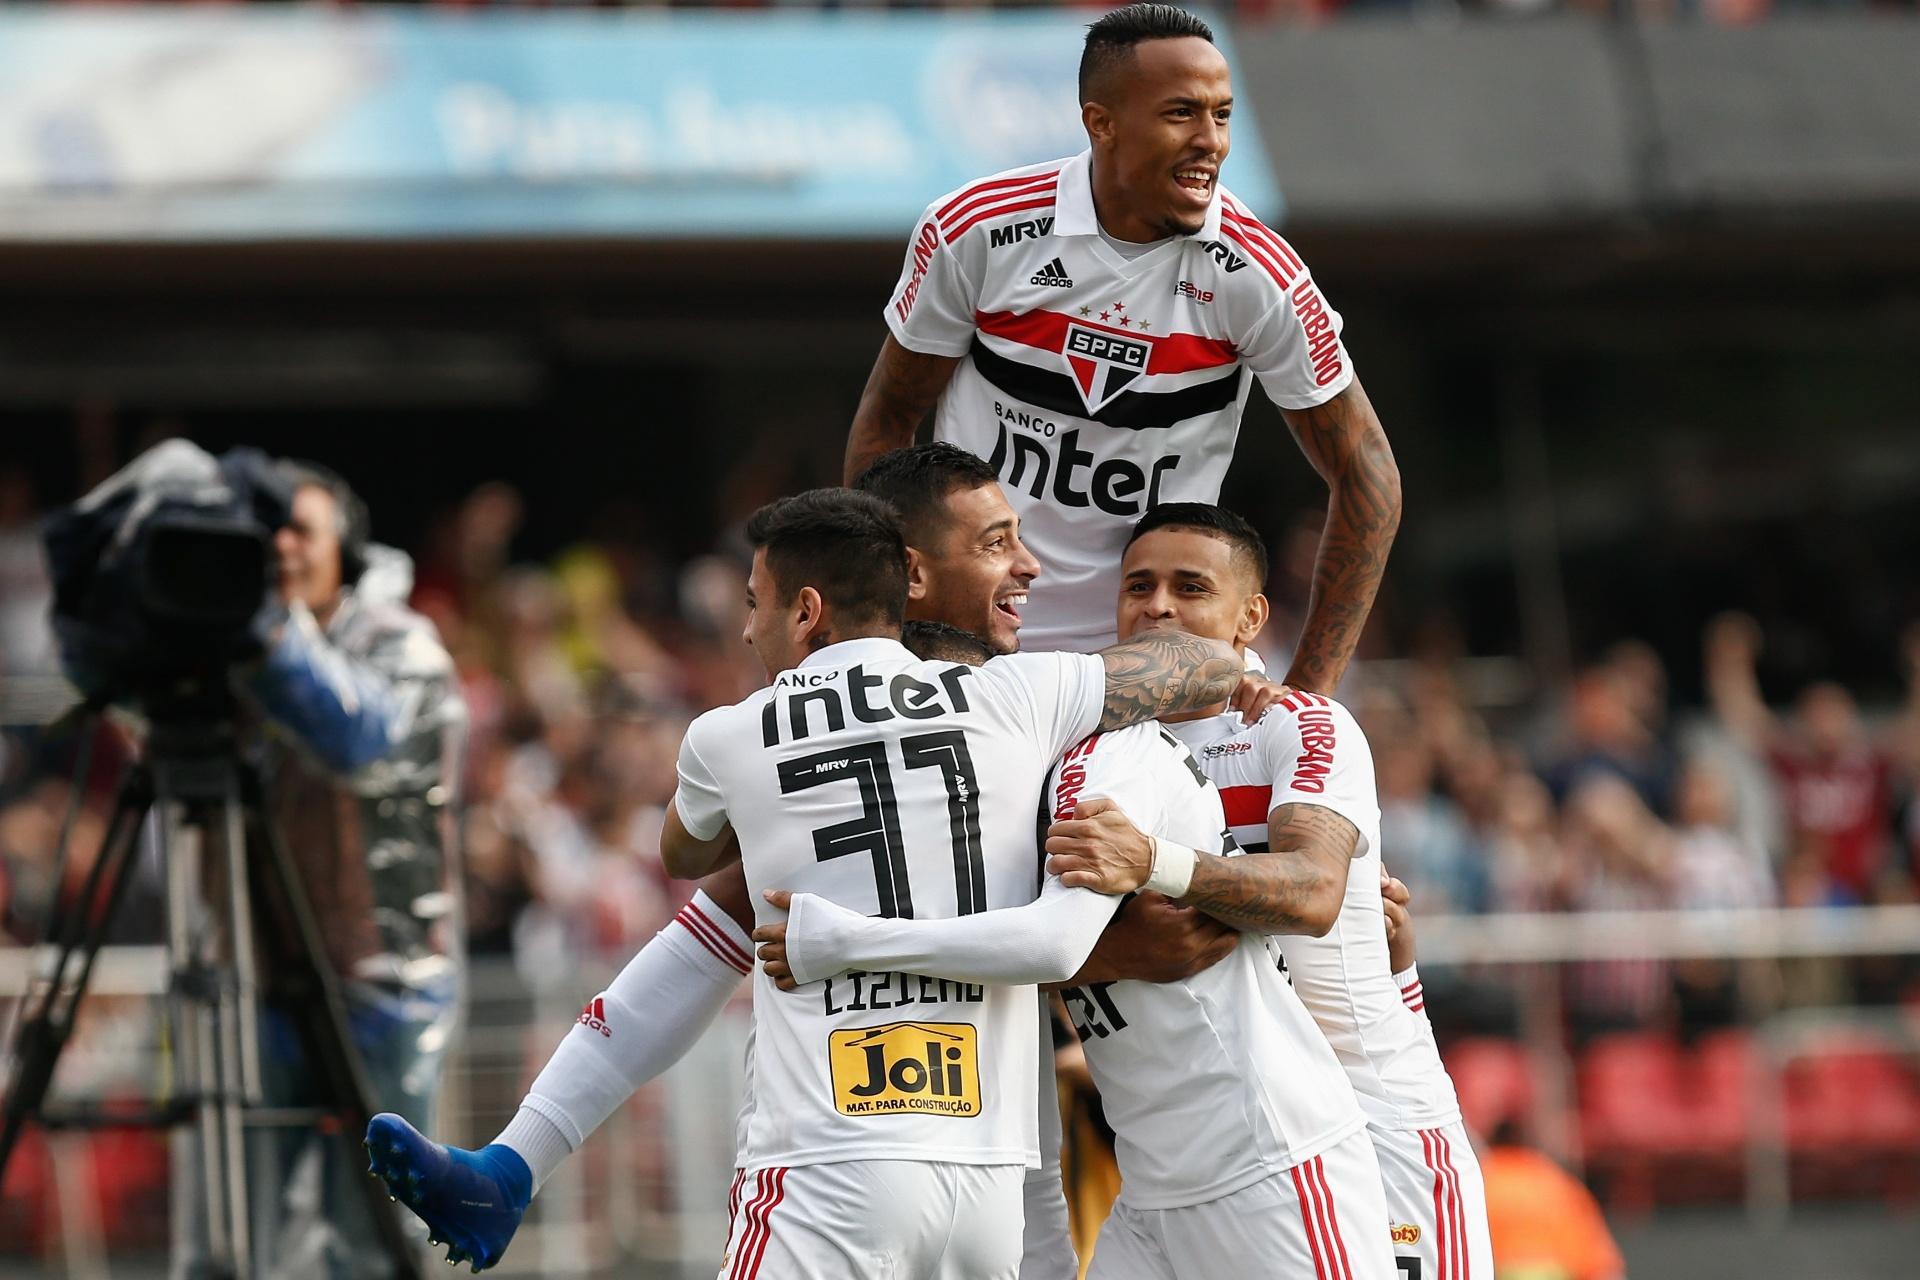 6e5ea44b6c712 São Paulo vence Vasco e vira líder do Brasileiro pela 1ª vez após 3 anos -  05 08 2018 - UOL Esporte